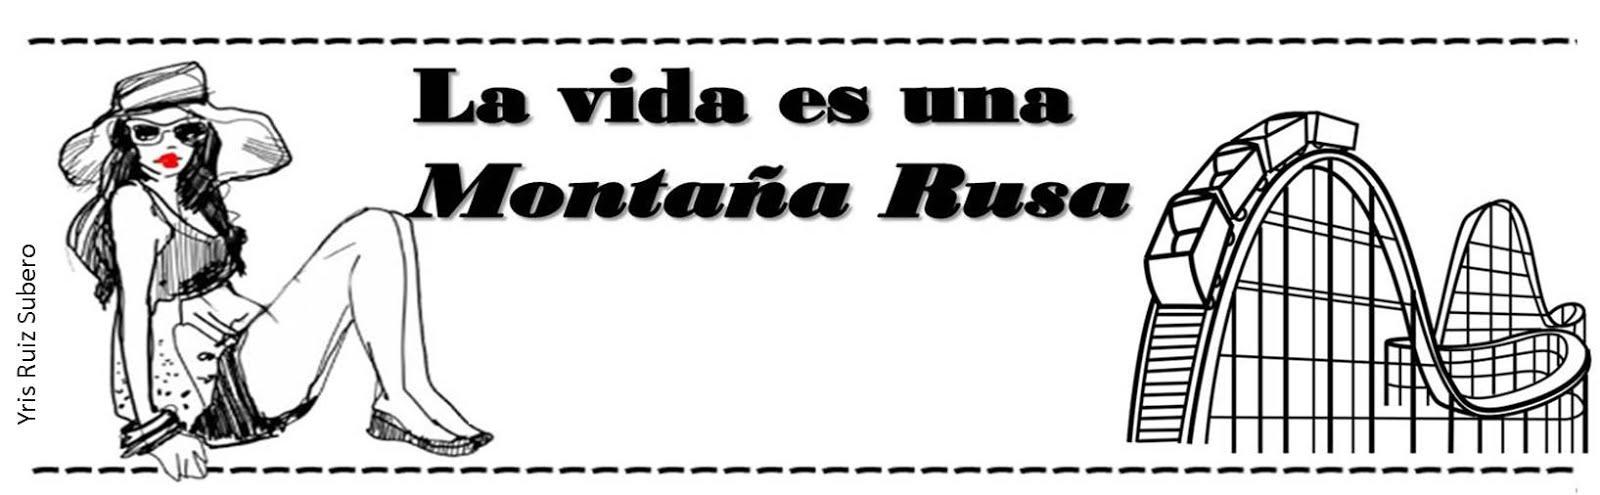 La vida es una Montaña Rusa